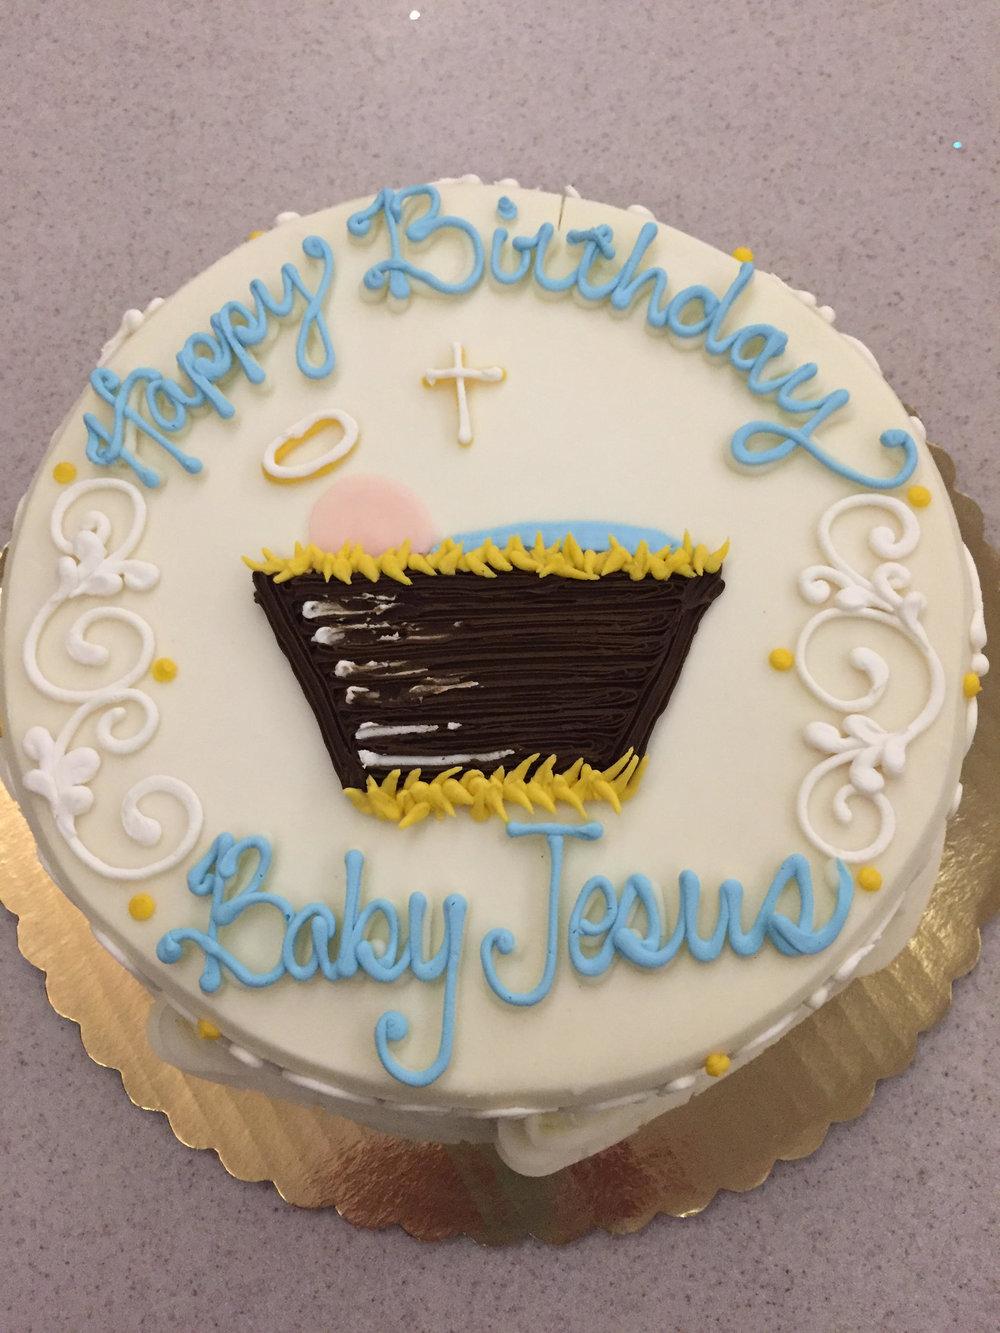 Happy Birthday Baby Jesus!